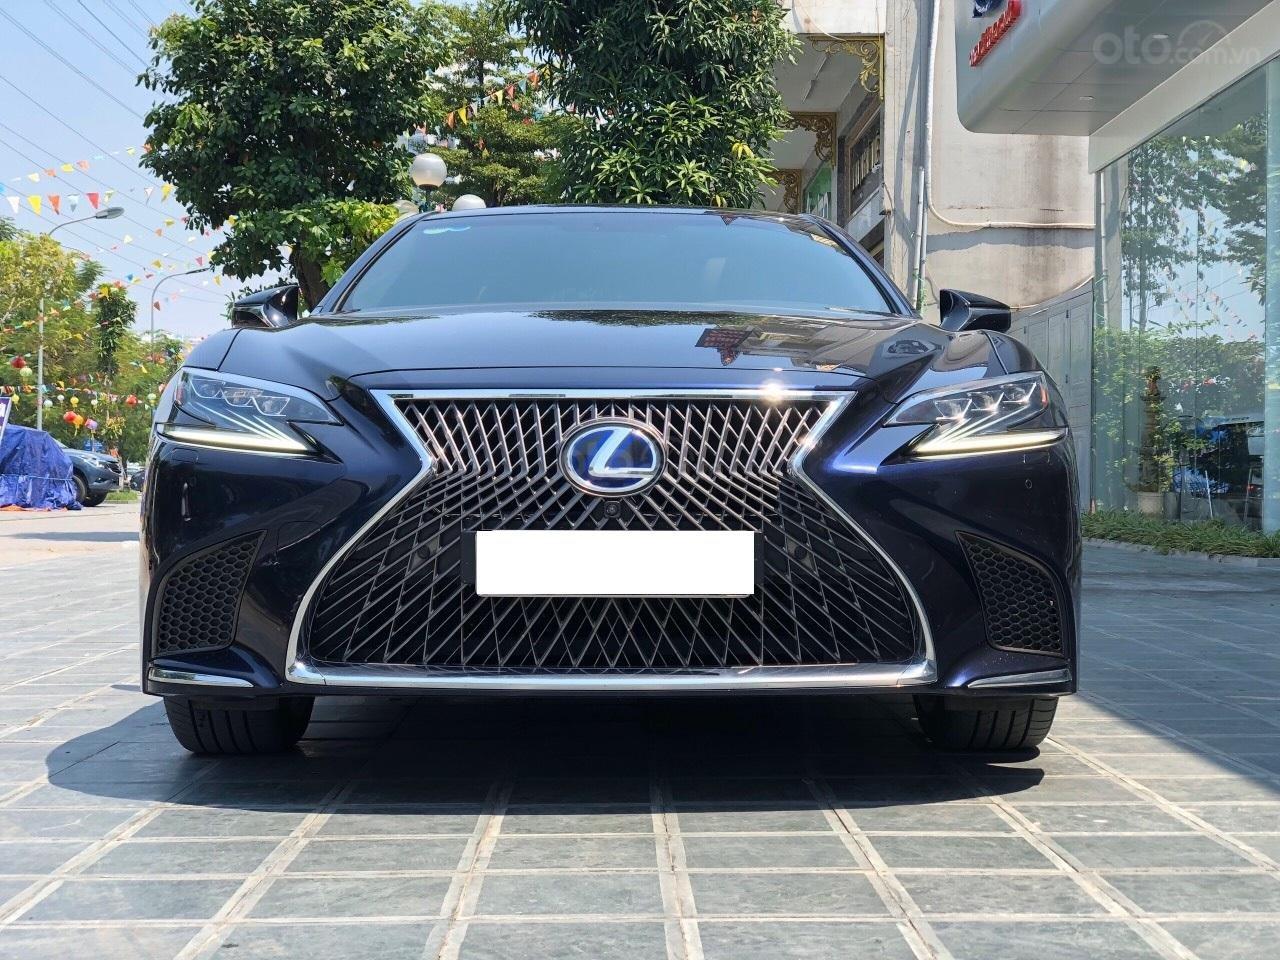 Bán xe Lexus LS 500H 2017, màu xanh lam, giá tốt giao ngay toàn quốc, LH Ngọc Vy 093.996.2368 (1)